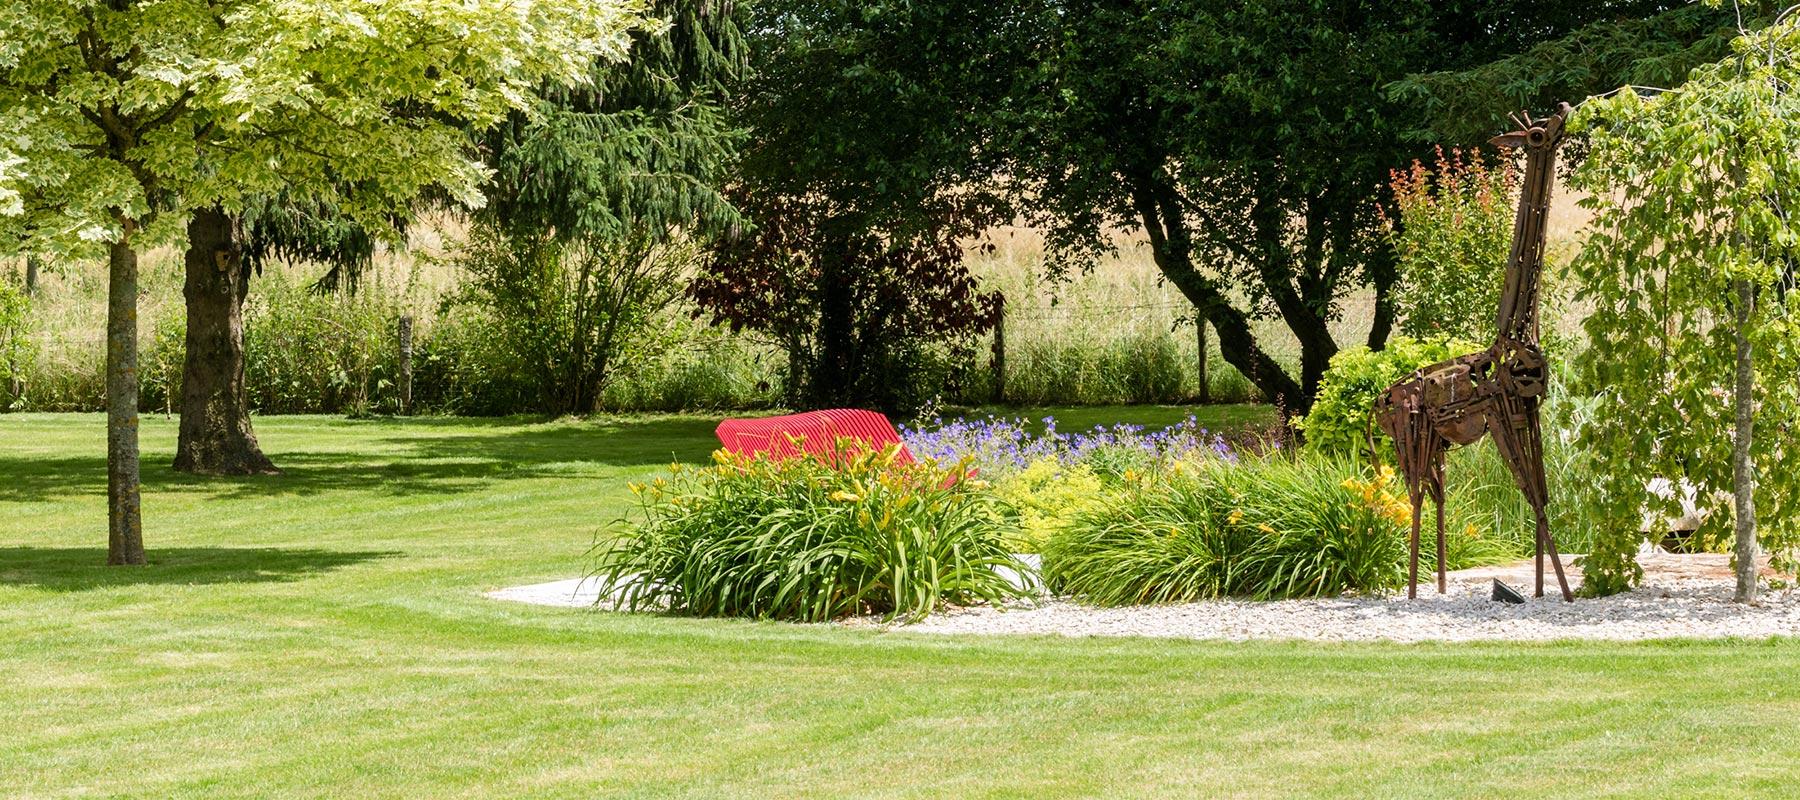 Entretien Du Jardin À Vendôme, Blois, Orléans - Adh Paysages pour Piscine La Chapelle St Mesmin